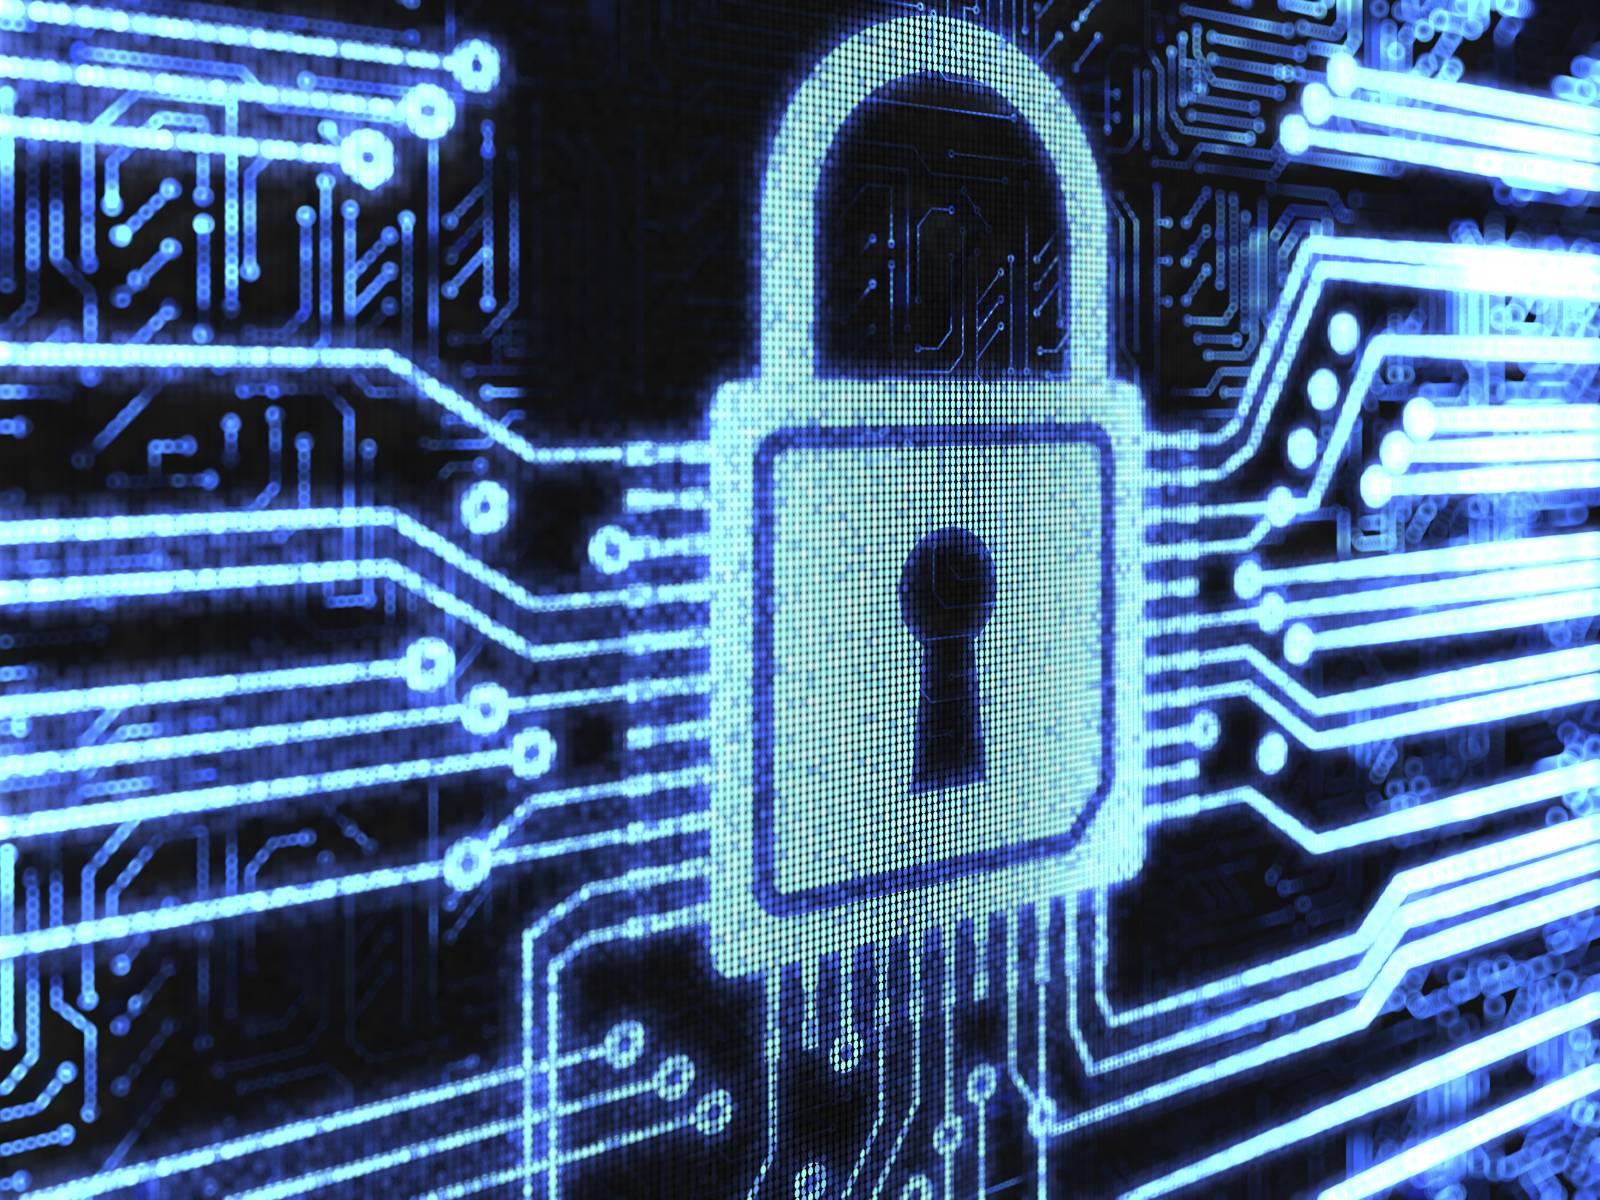 Reti VPN: Zscaler evidenzia i rischi di sicurezza nascosti che colpiscono le imprese